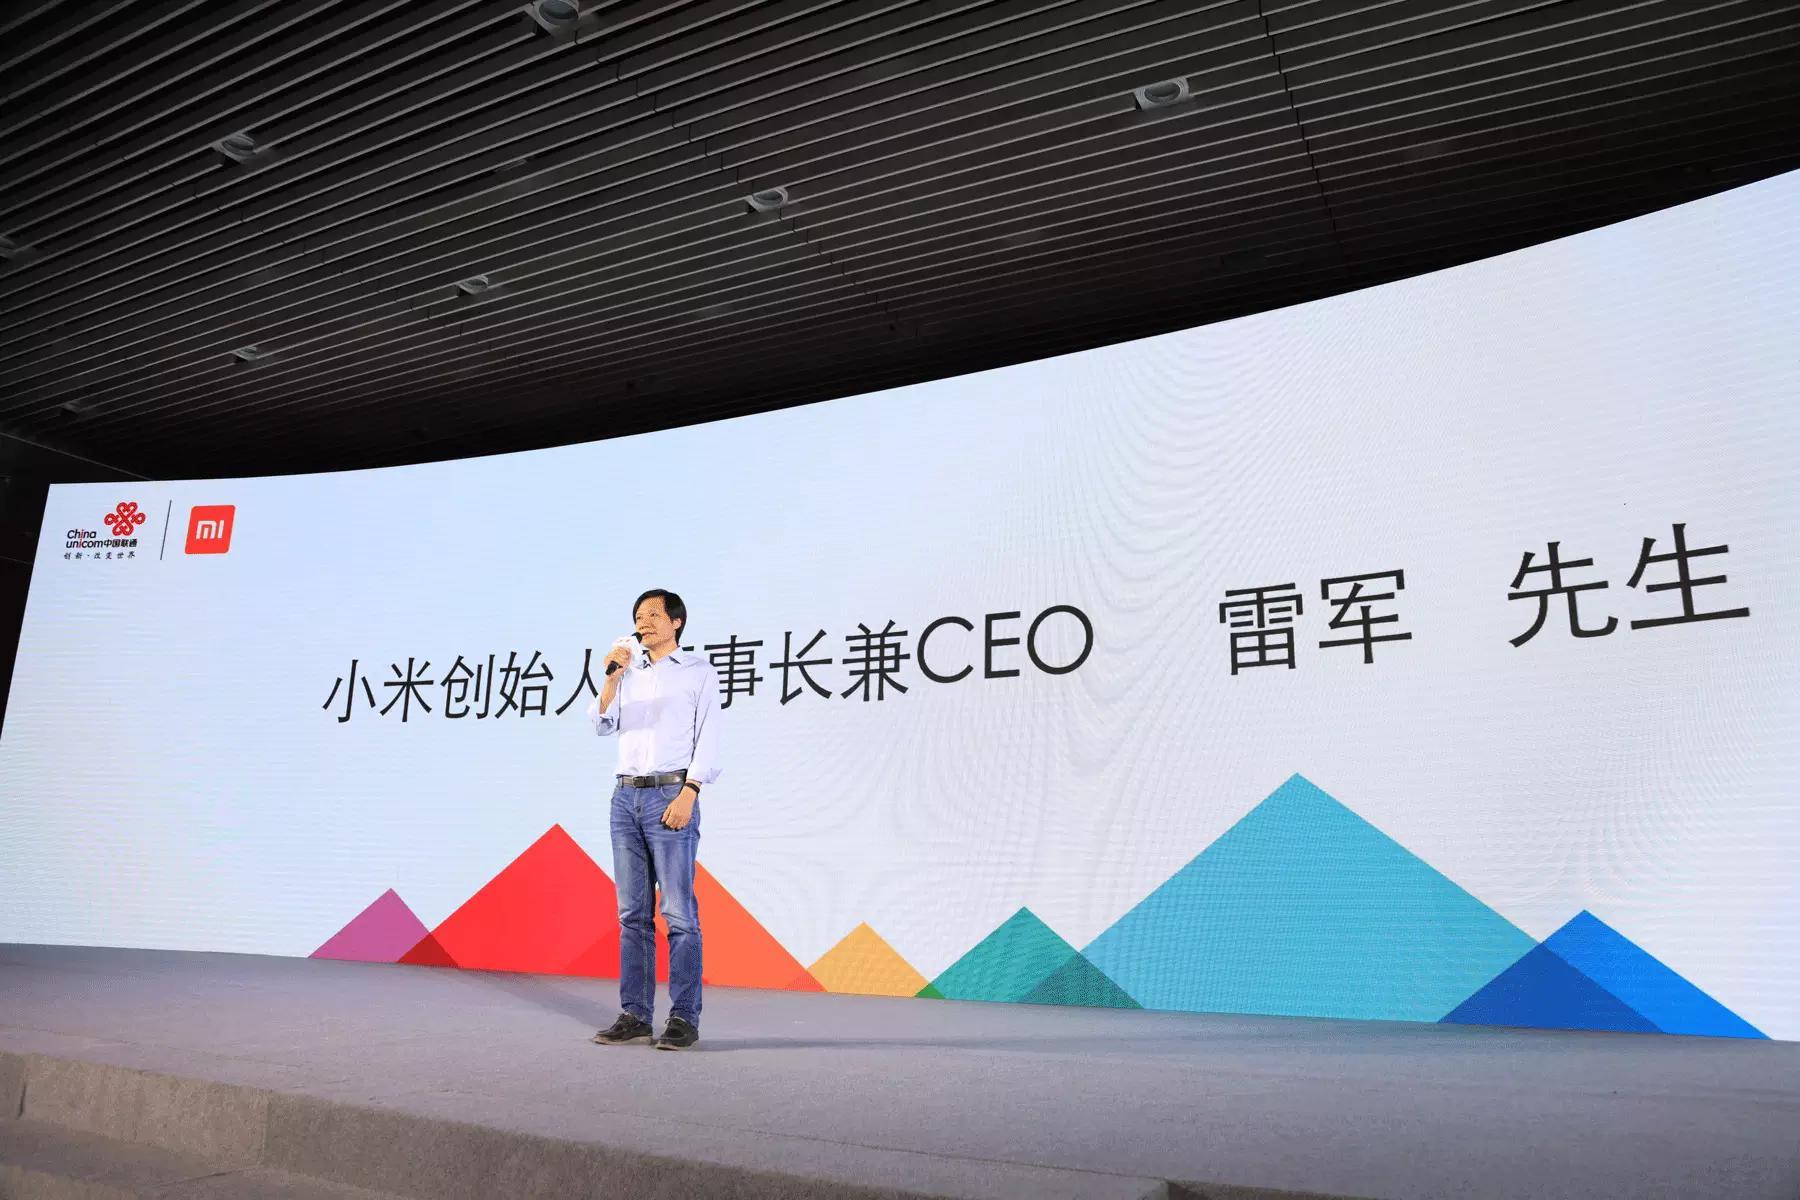 红米3X!小米手机&中国联通战略合作协议第一款订制新产品